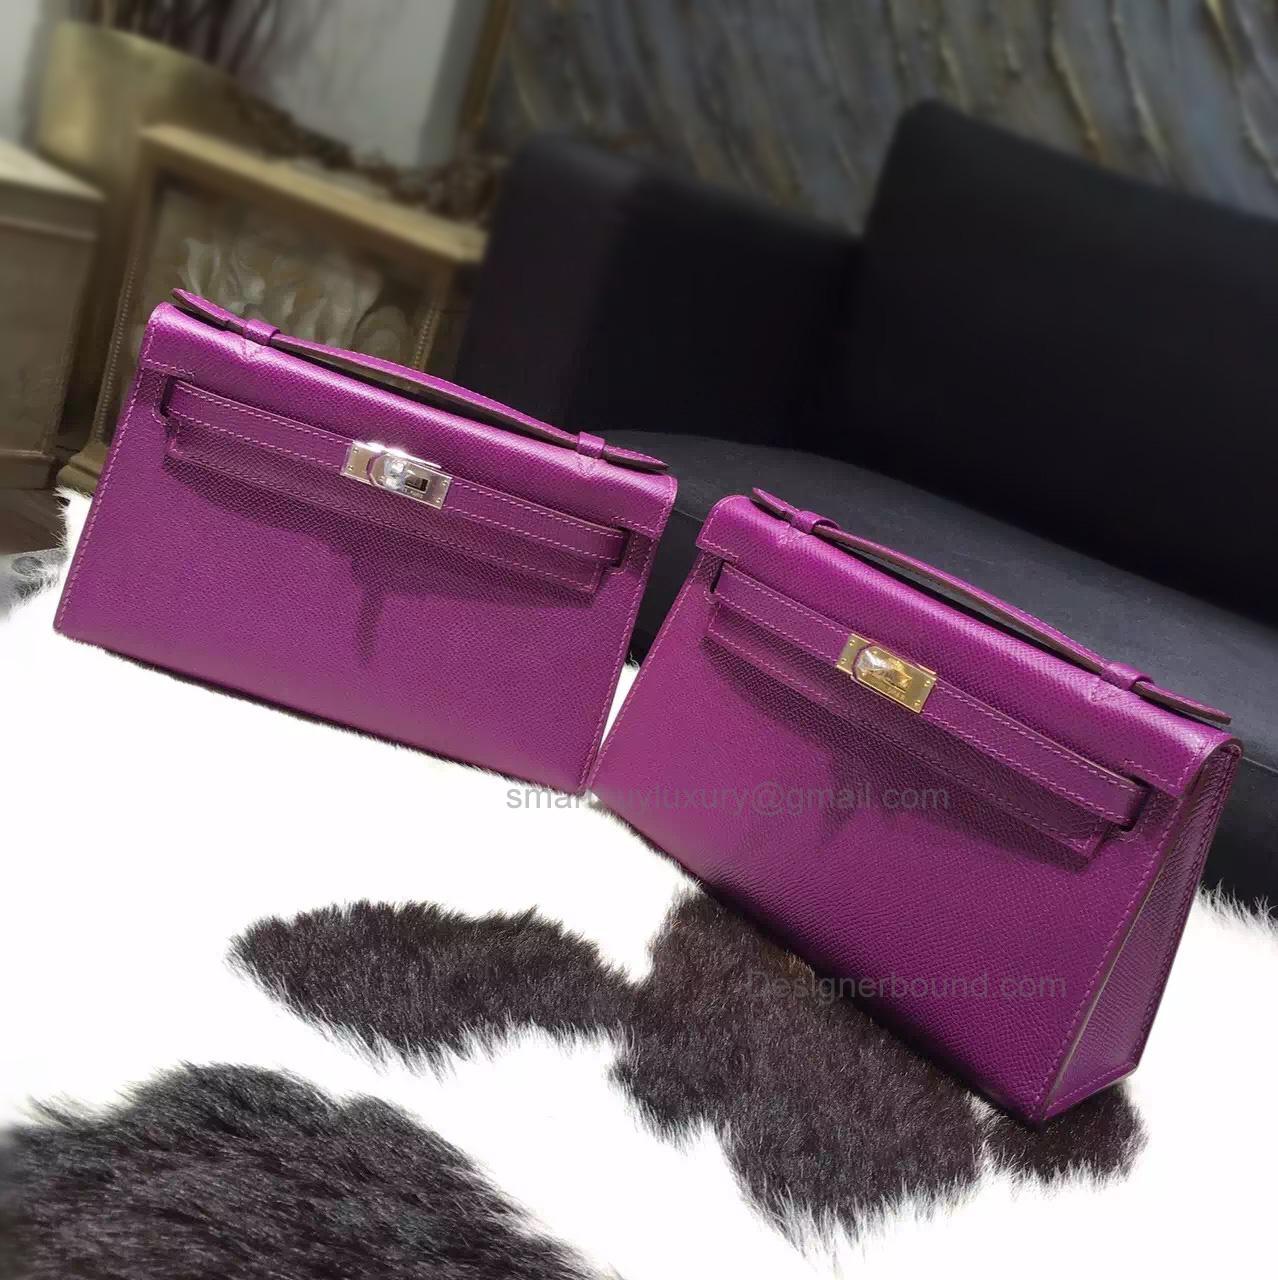 51d9868f21c6 Handmade Hermes Mini Kelly 22 Pochette Bag in p9 Anemone Epsom Calfskin